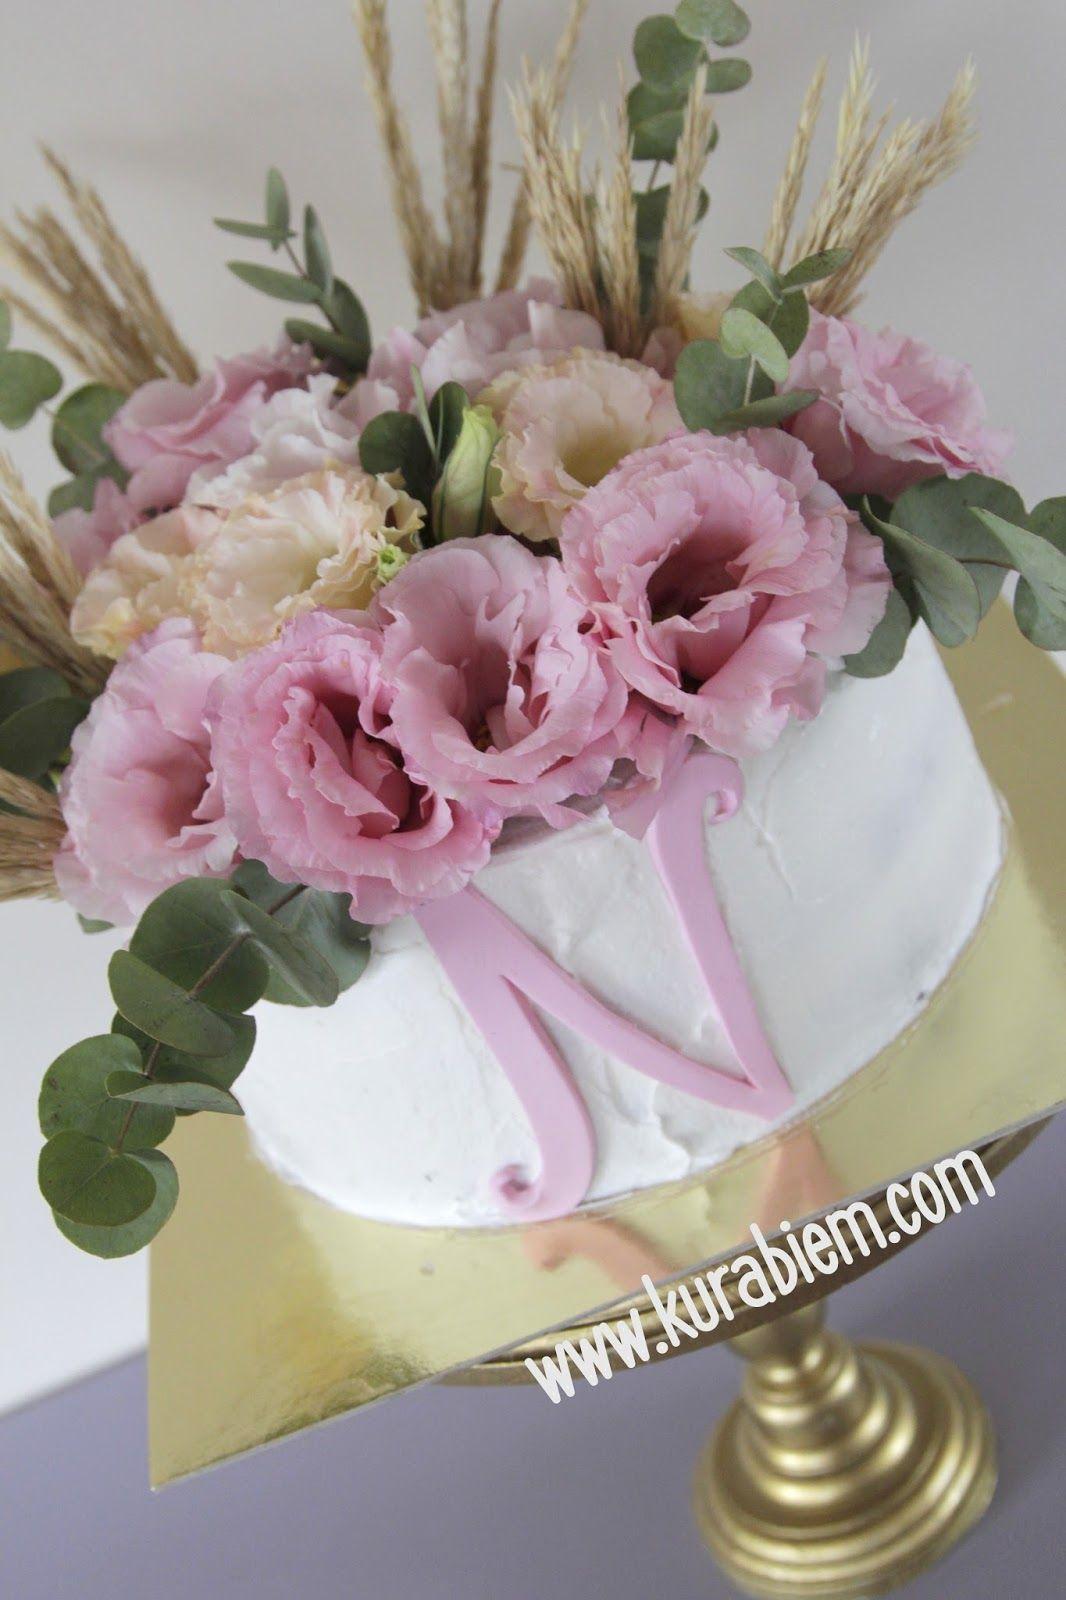 Flower Cake Birthday Cake Naked Cake Naked Cake Istanbul